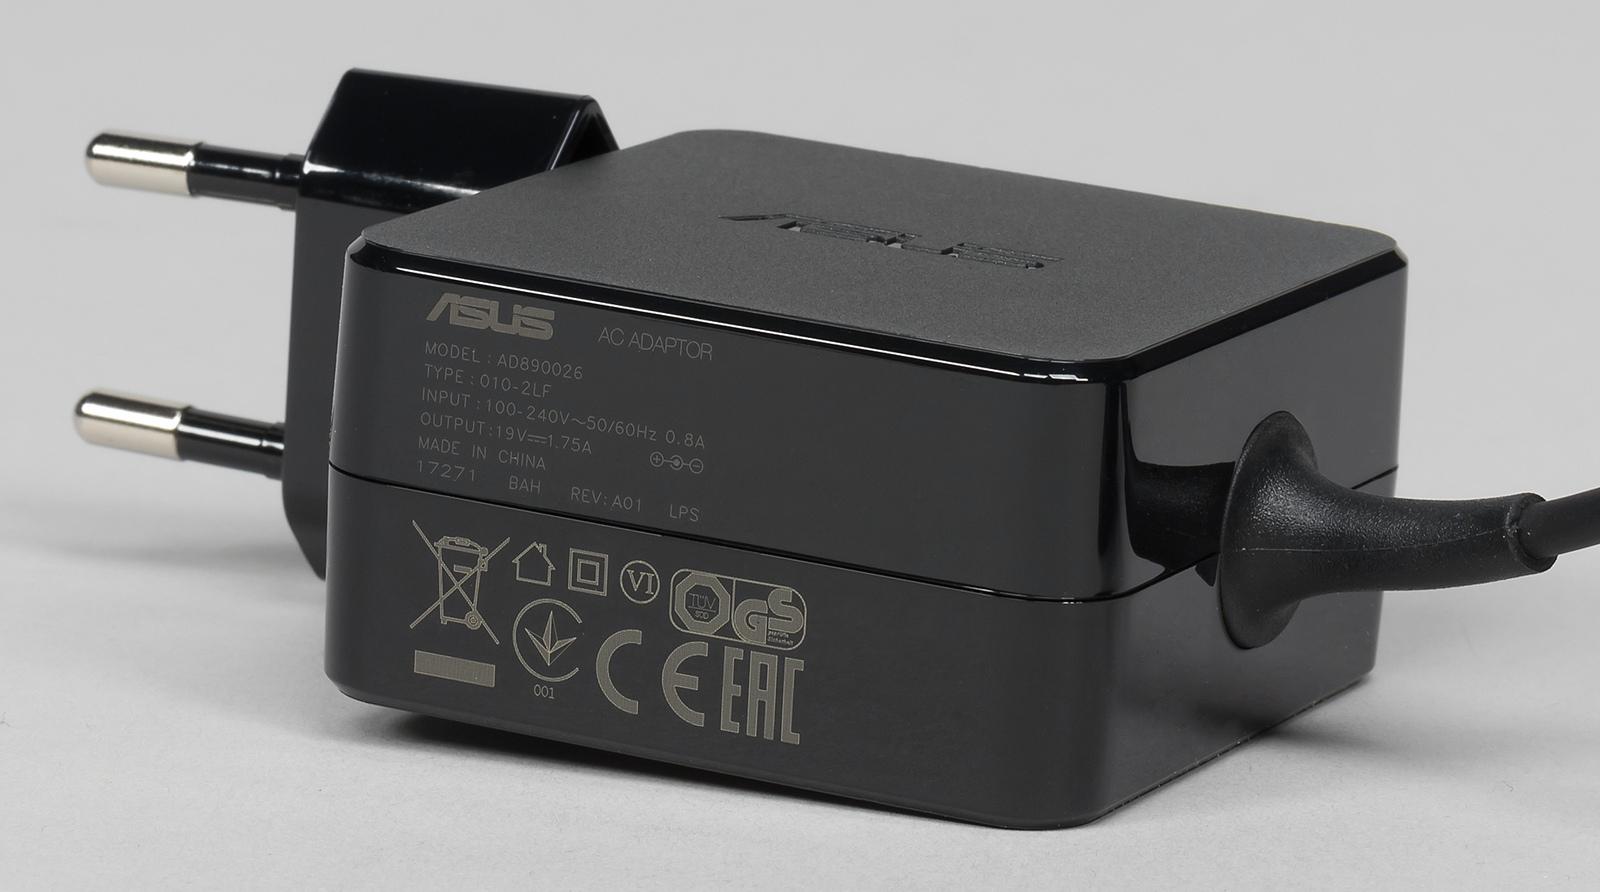 Обзор беспроводного роутера Asus RT-AC86U с поддержкой 802 11ac